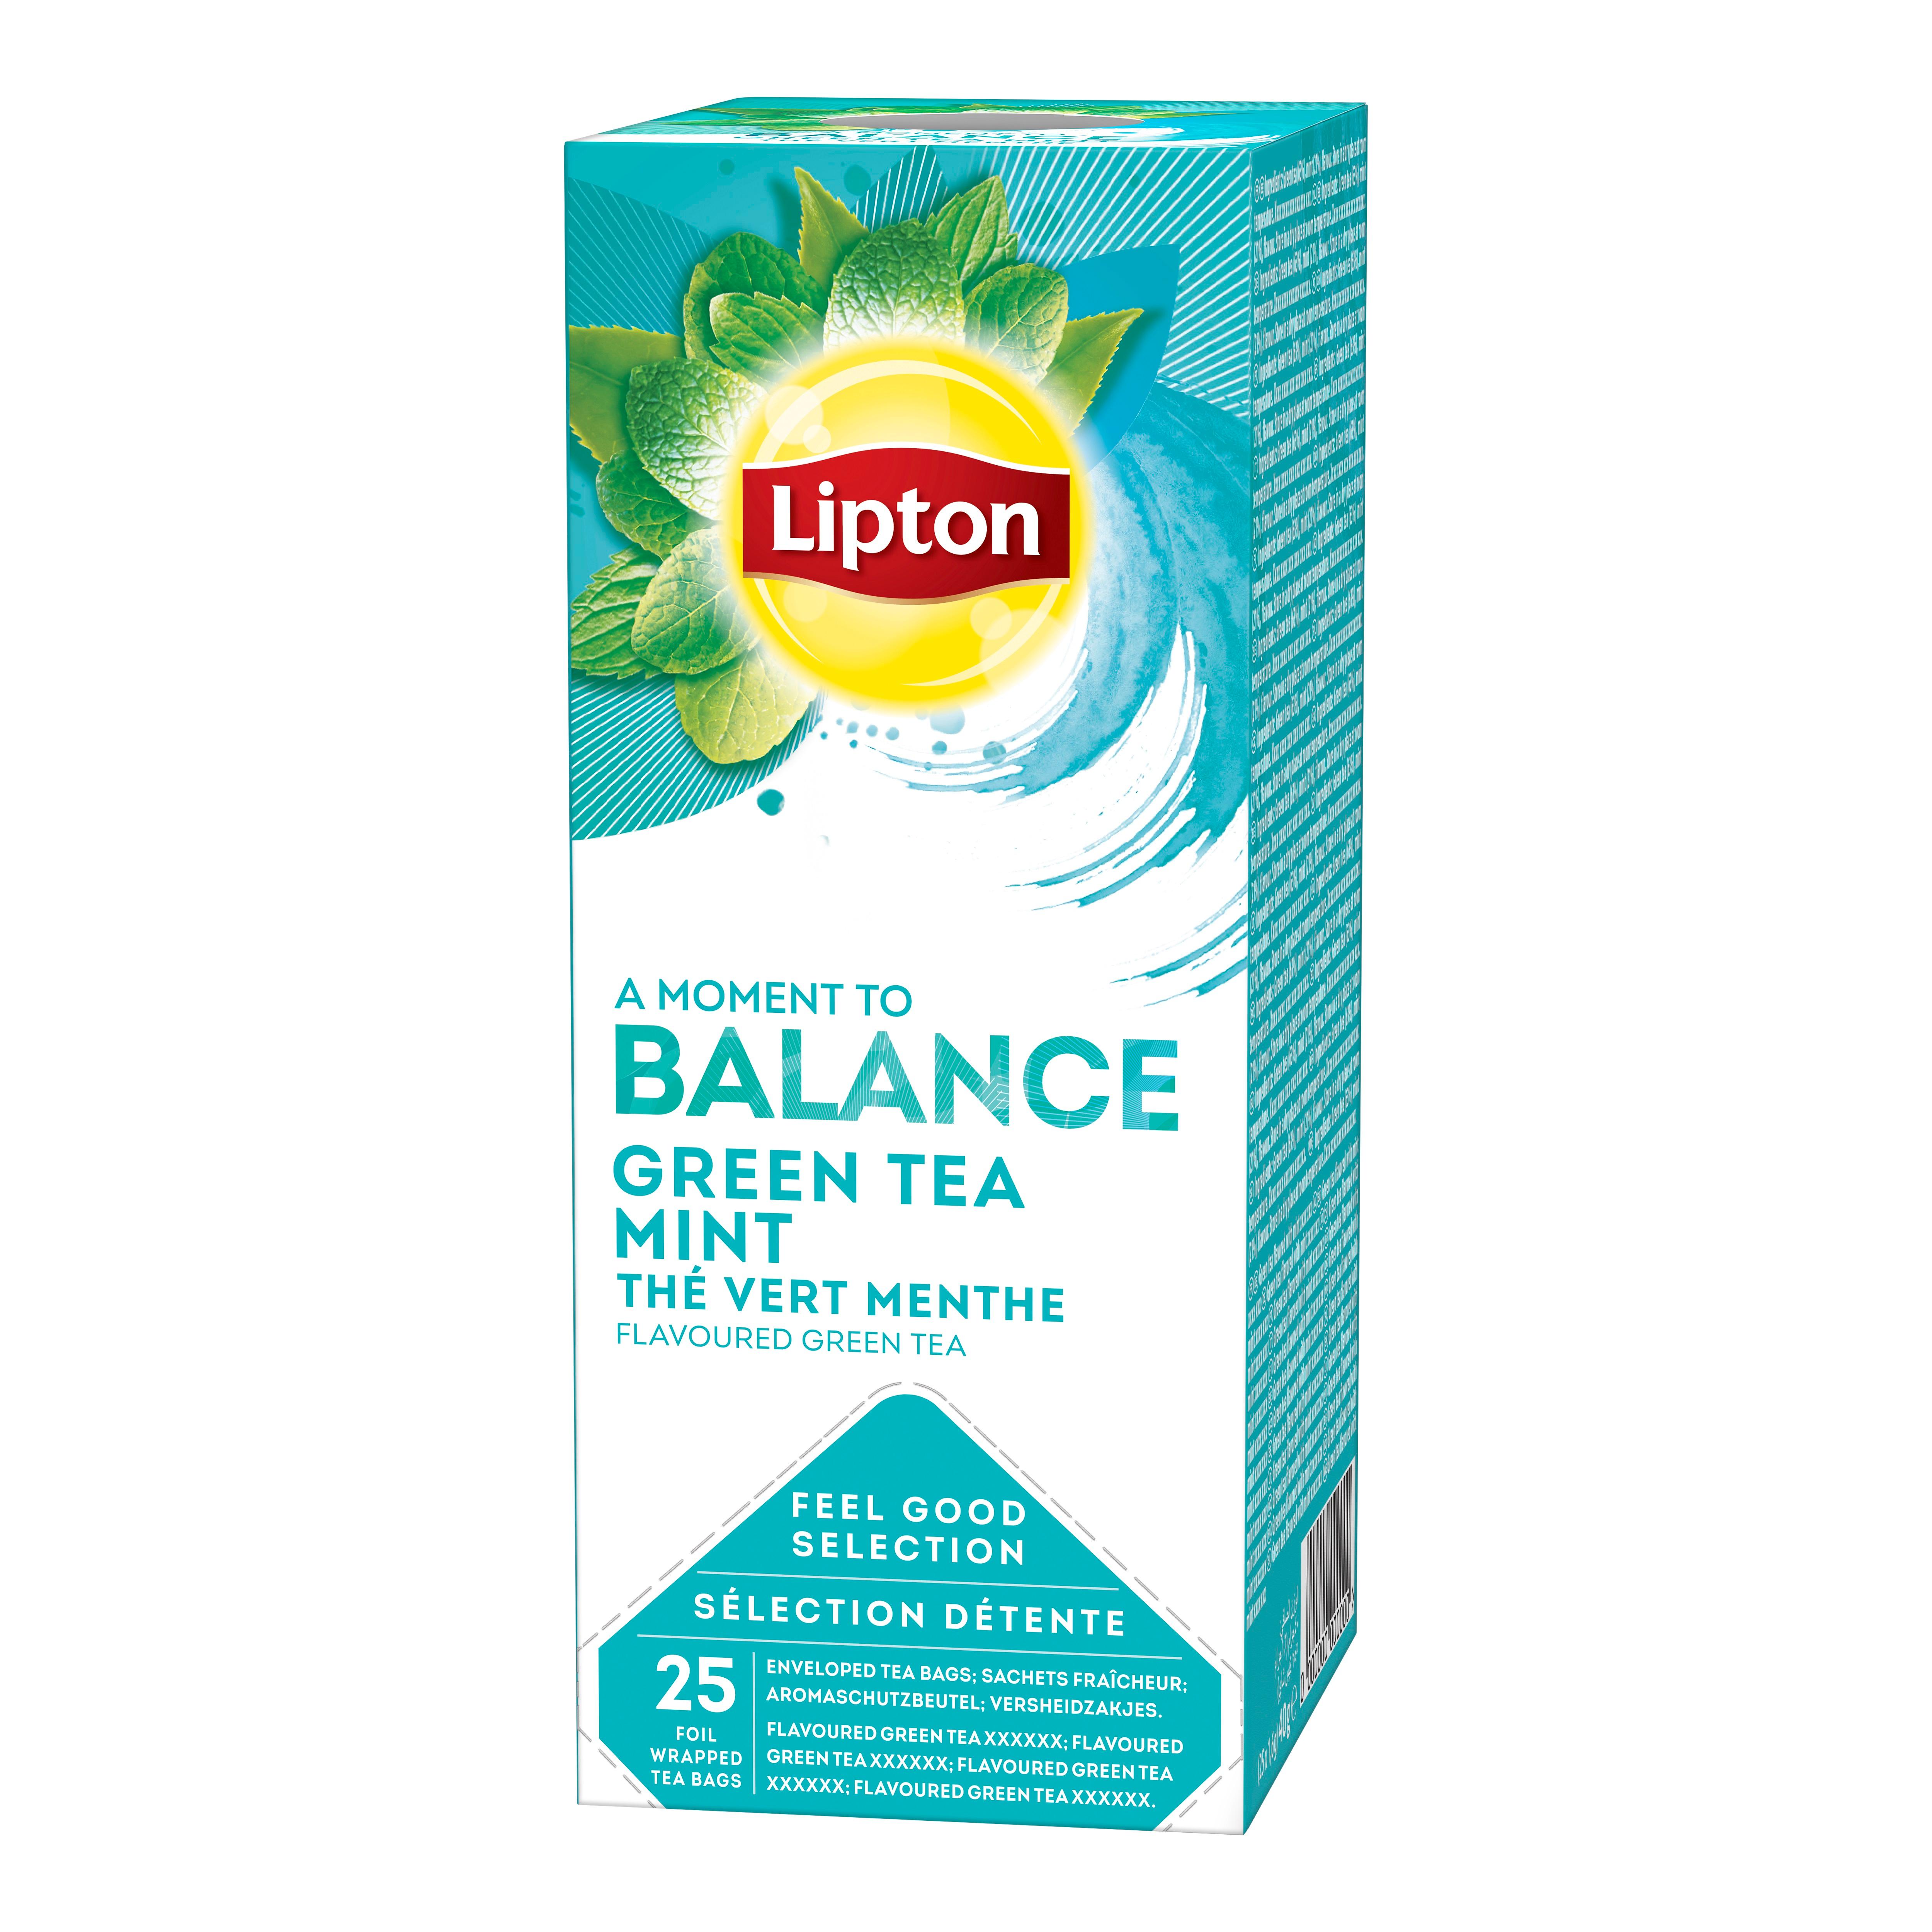 Lipton Aromatizirani zeleni čaj s mentom 25/1 - Na raspolaganju su različiti čajevi Lipton: biljni, crni, zeleni i voćni.